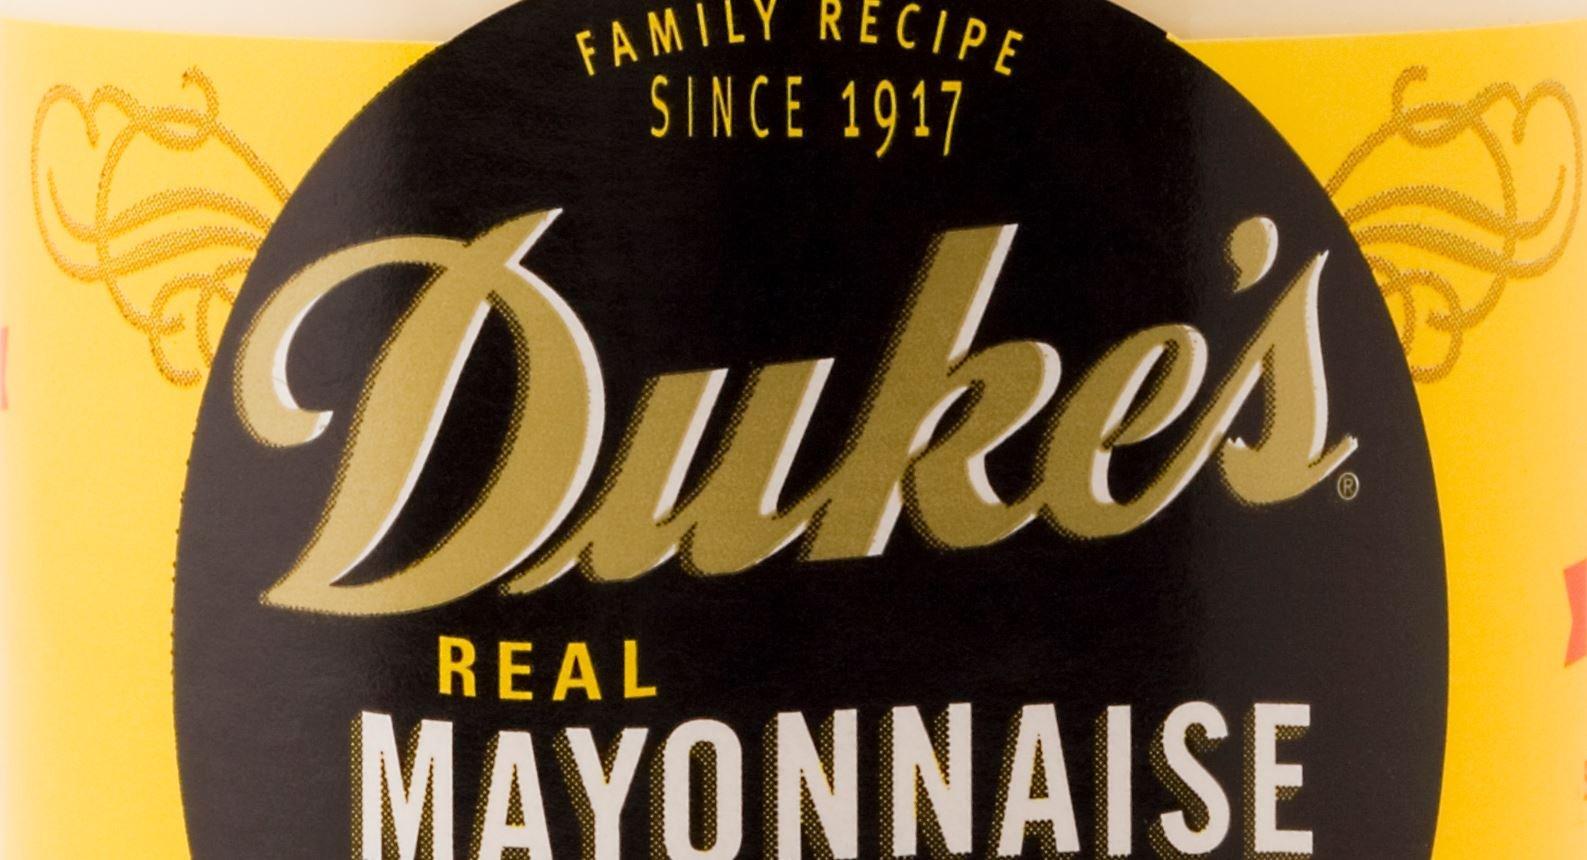 Duke's Mayonnaise label (Wikimedia Commons)